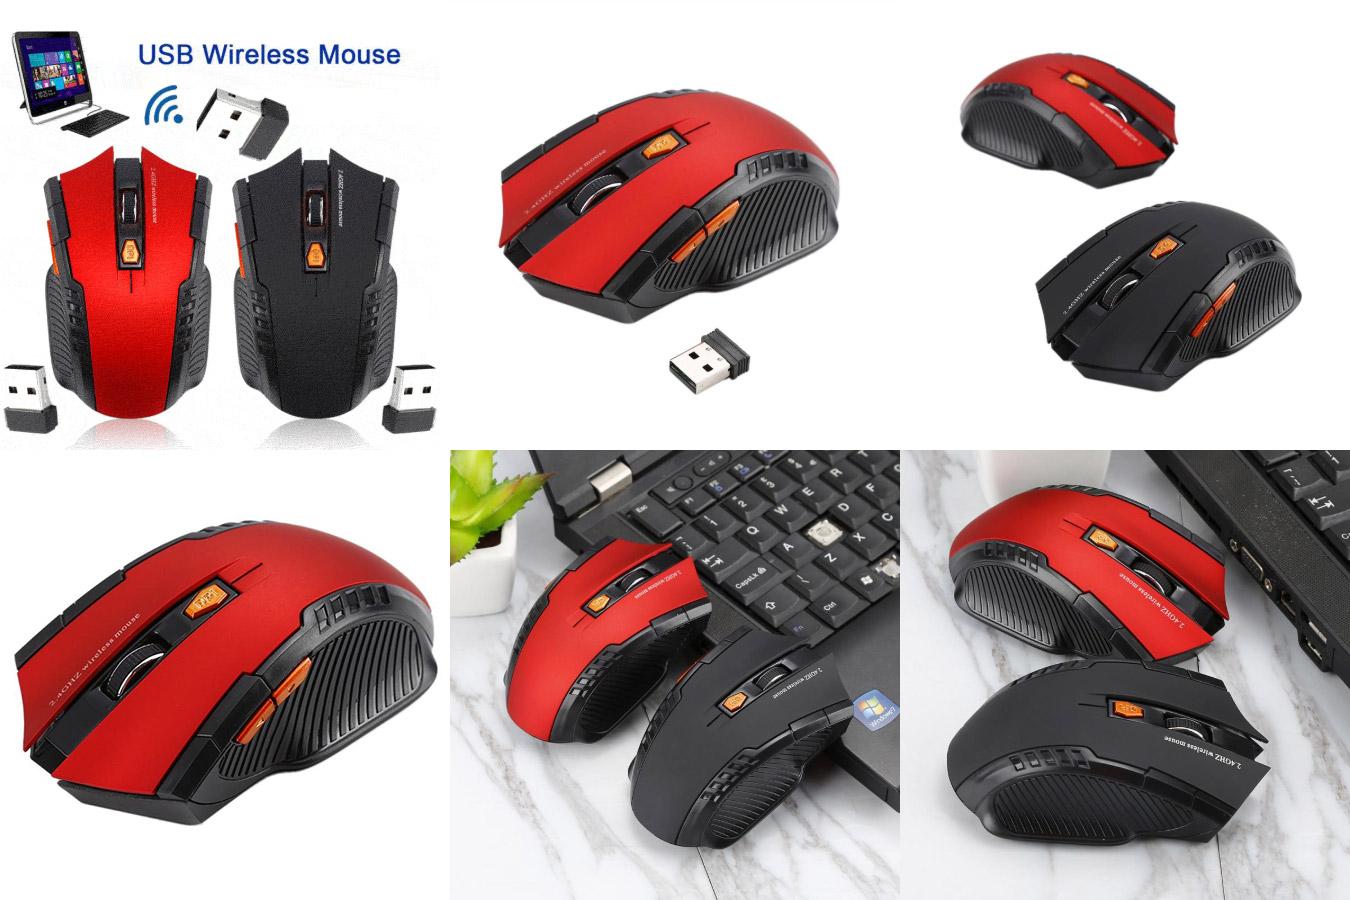 Профессиональная мышь для начинающих геймеров Centechia 2.4G Gaming Mouse